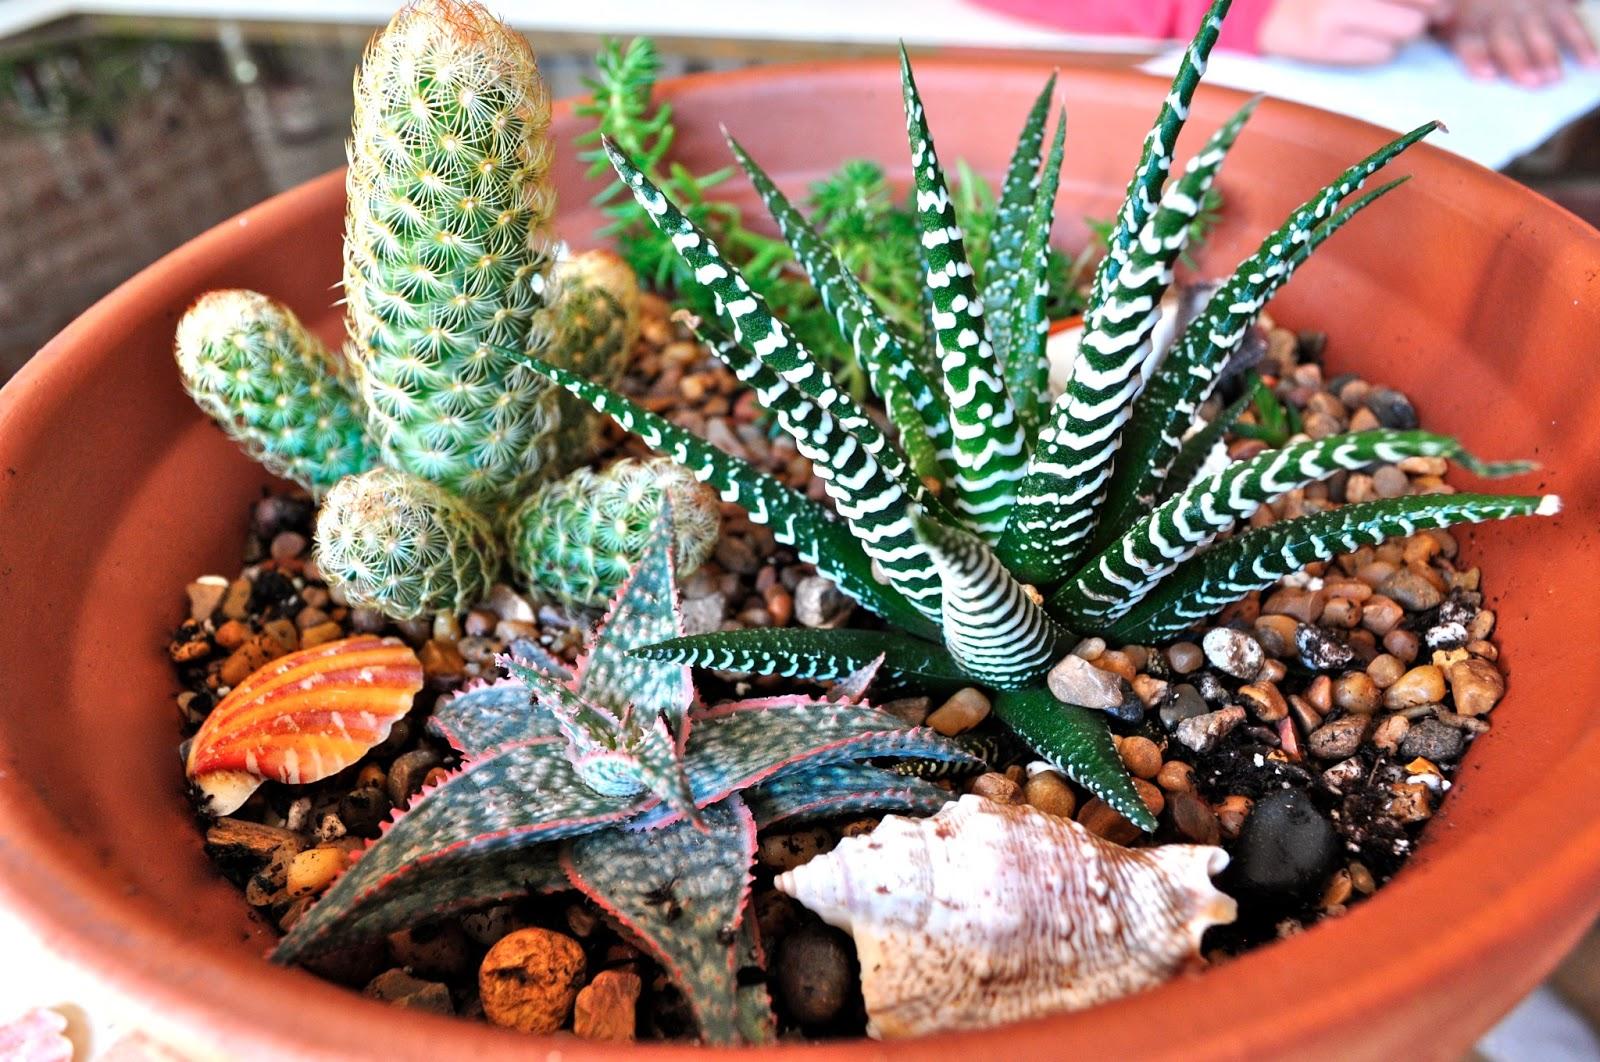 Unusual dish garden ideas ideas garden and landscape for Dish garden designs